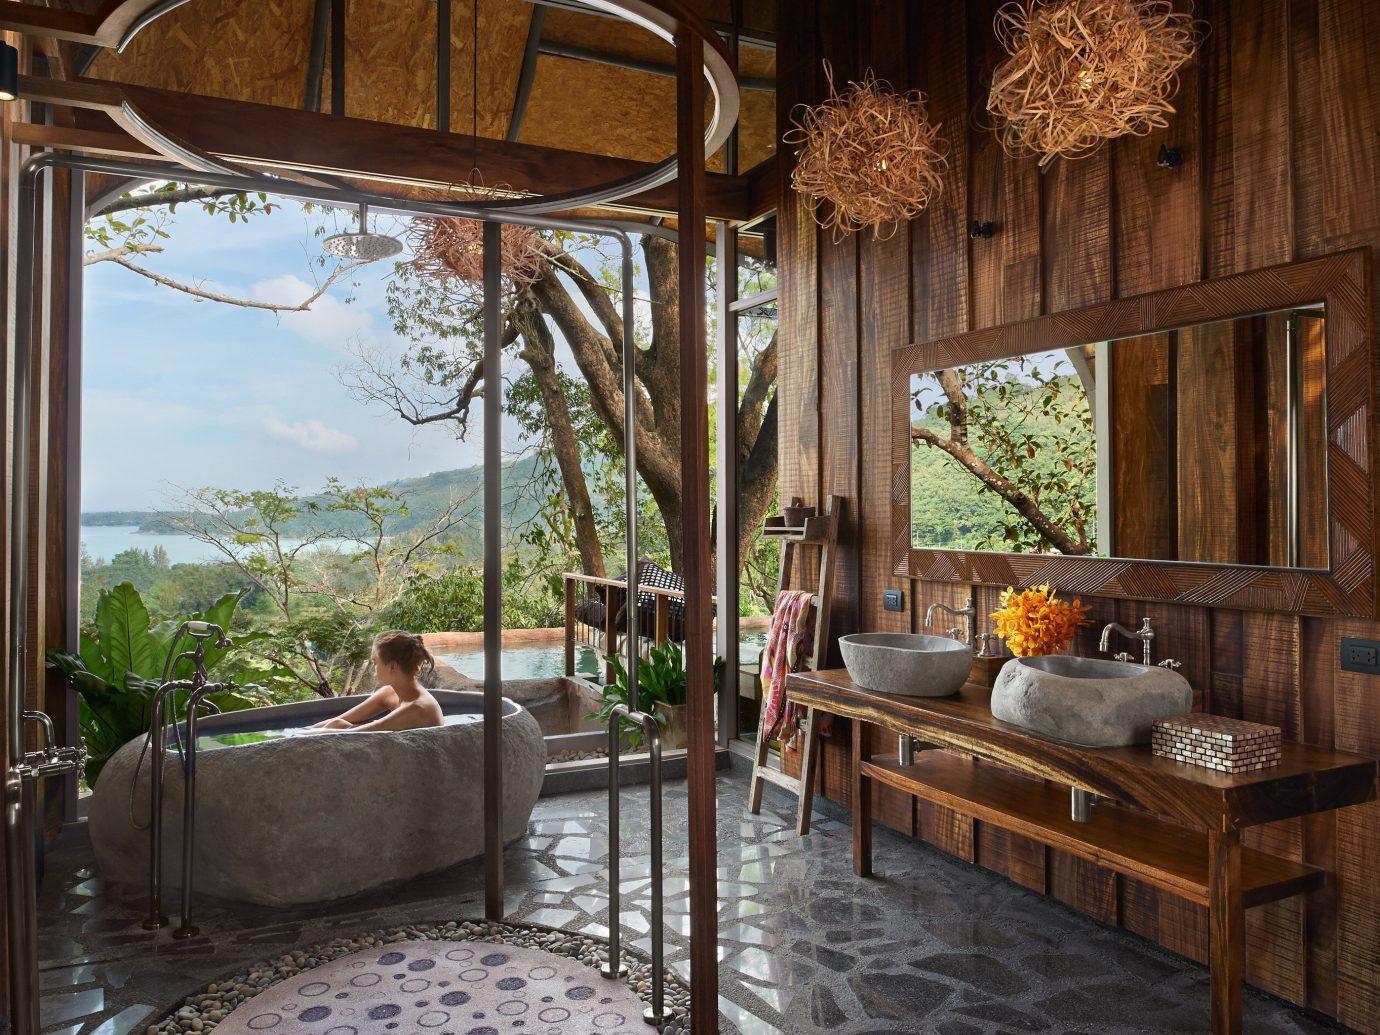 Living room at Keemala, Phuket, Thailand